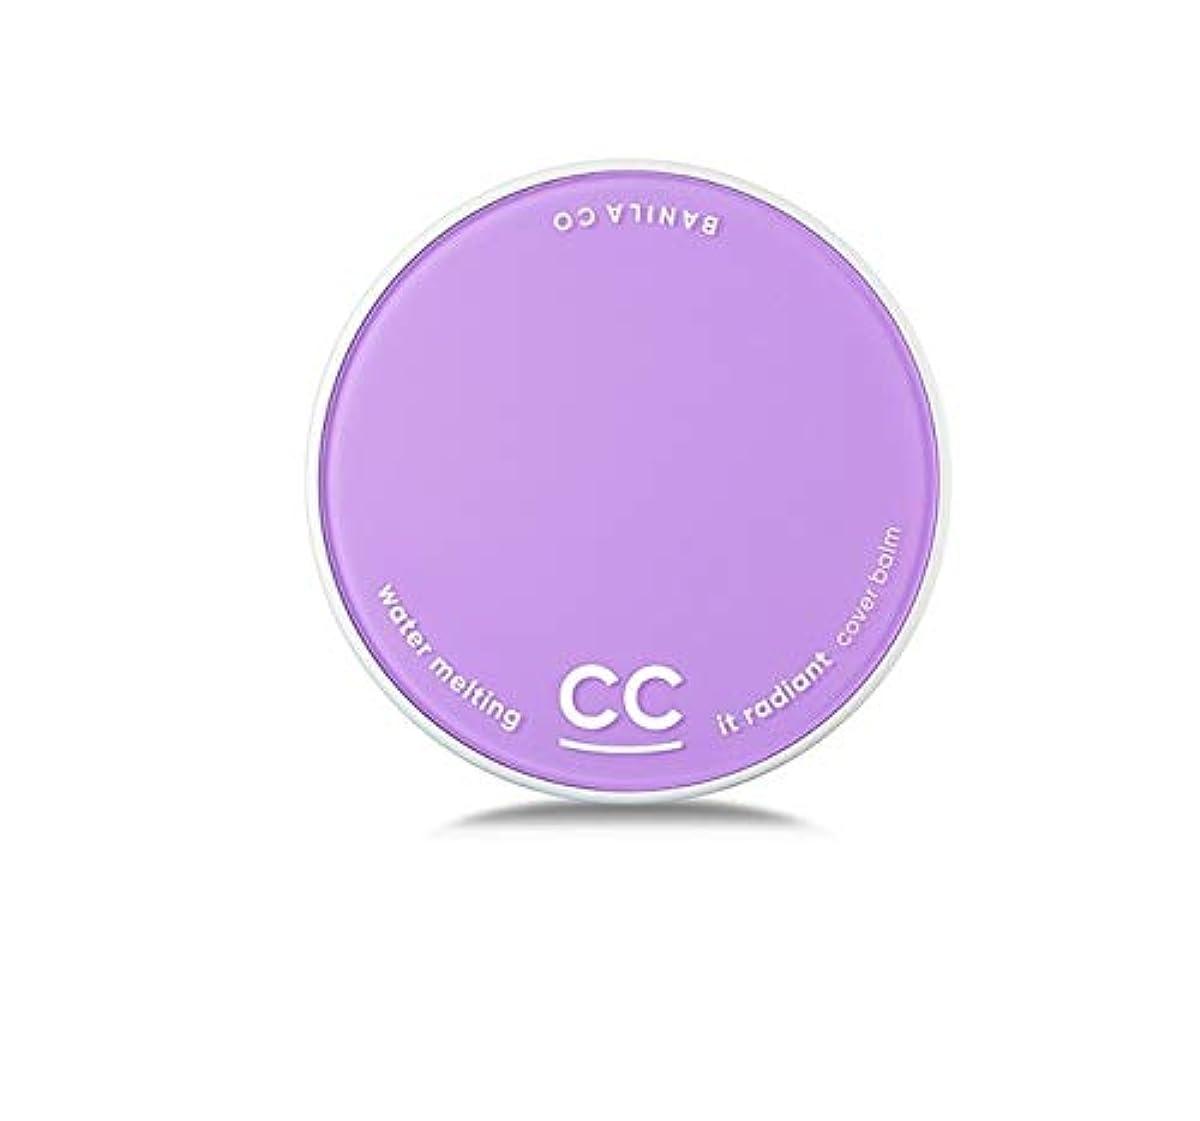 首マッシュ技術的なbanilaco イットラディアントCCエッセンスカバーバーム/It Radiant CC Essence Cover Balm 15g # Light Beige [並行輸入品]